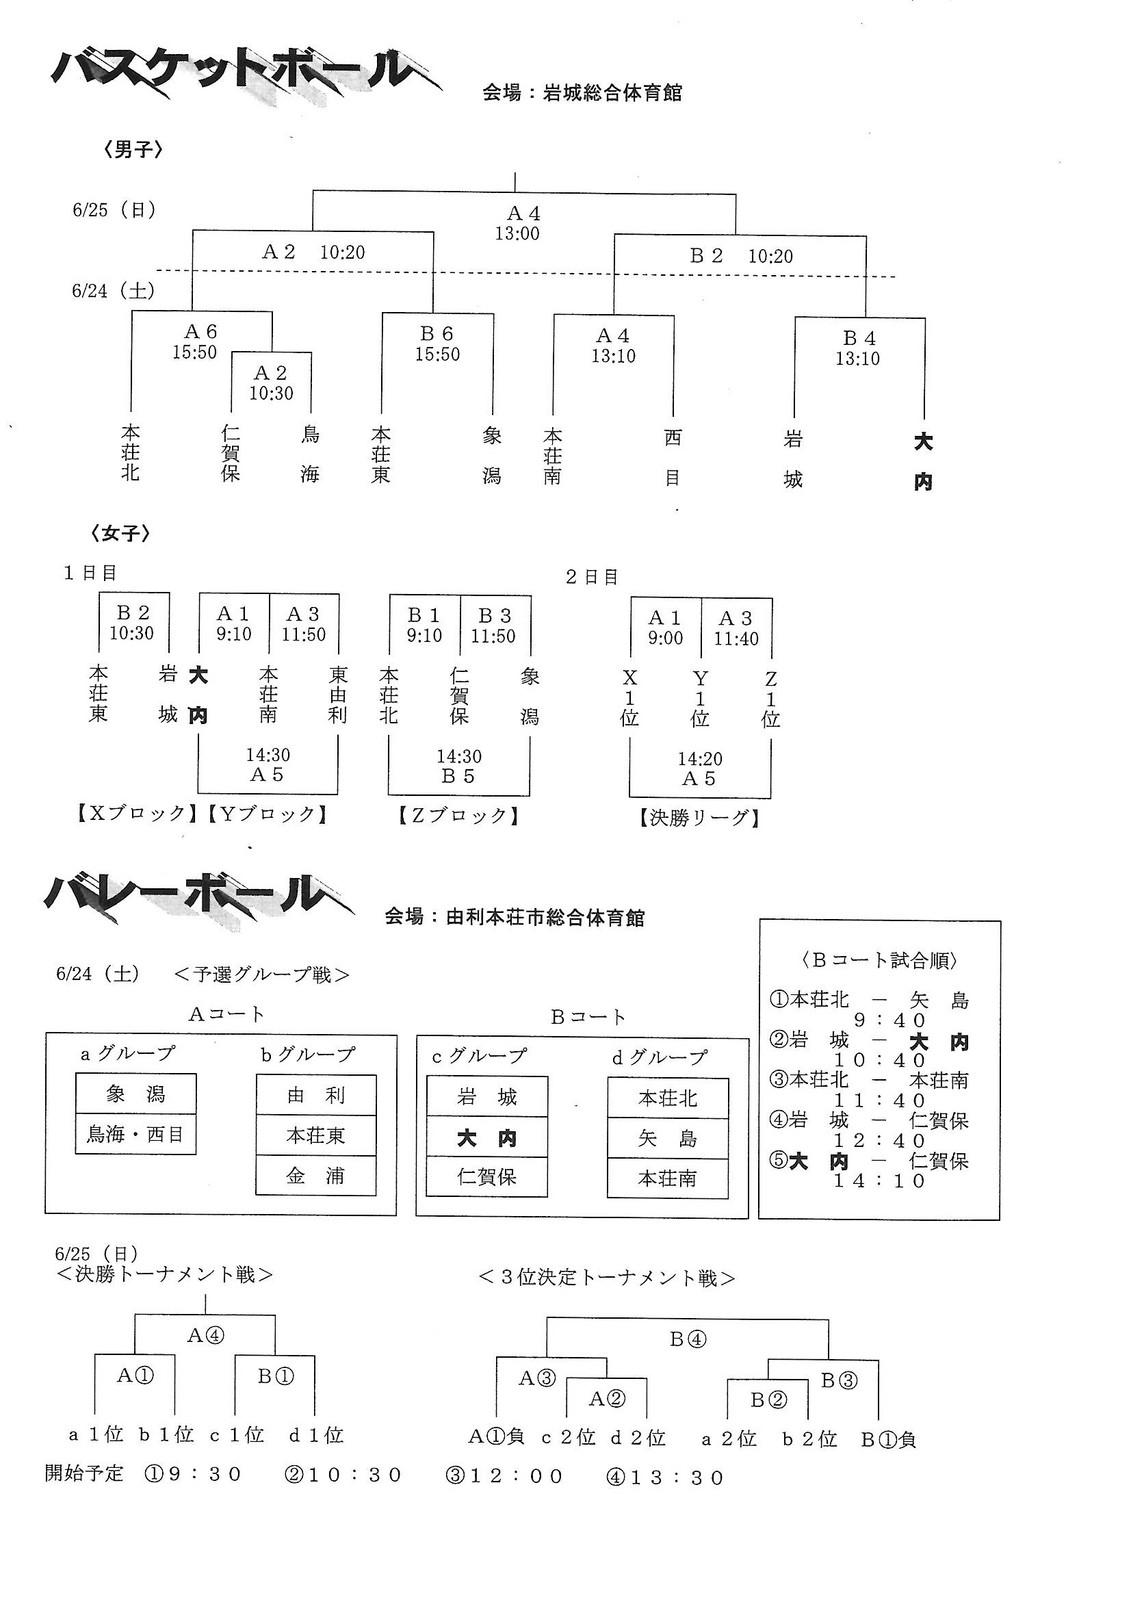 Epson_0038_1